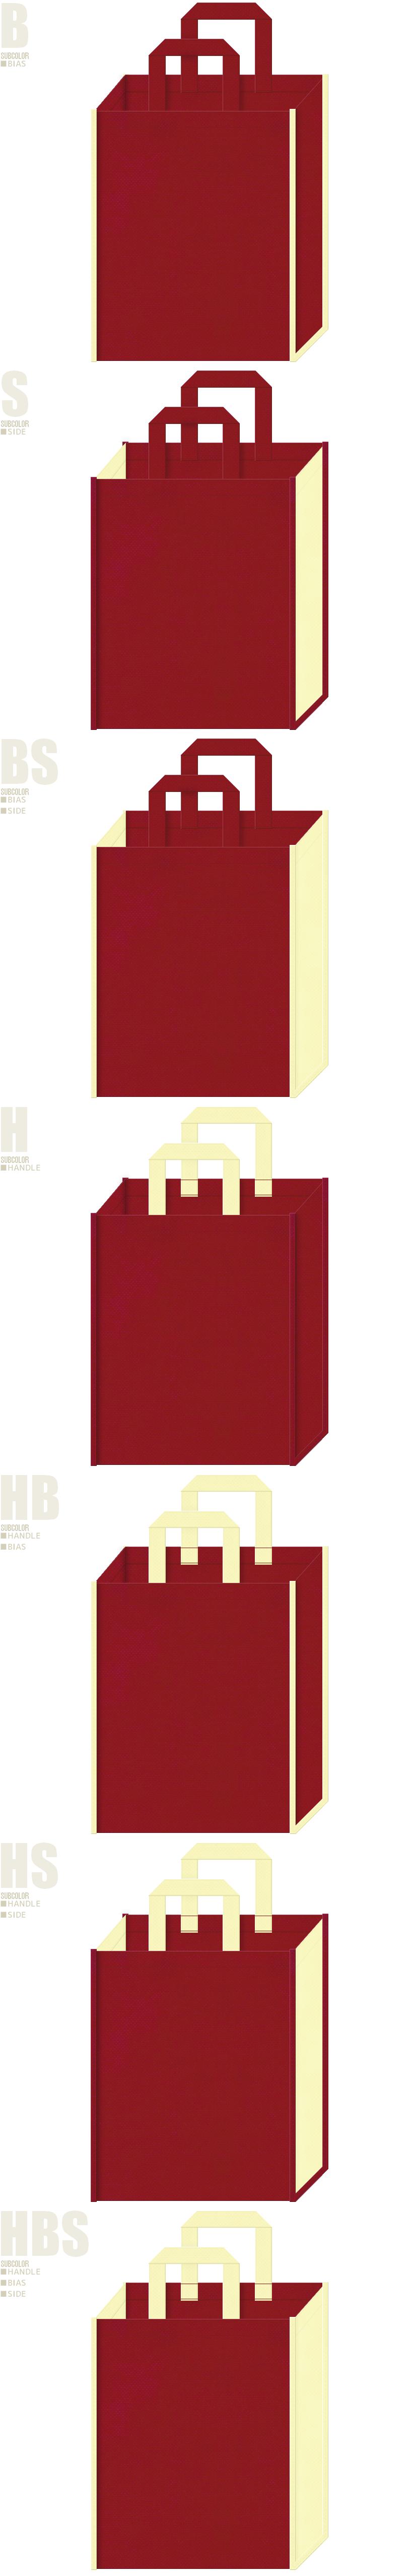 絵本・むかし話・お月見・ひな祭り・和風催事にお奨めの不織布バッグデザイン:エンジ色と薄黄色の配色7パターン